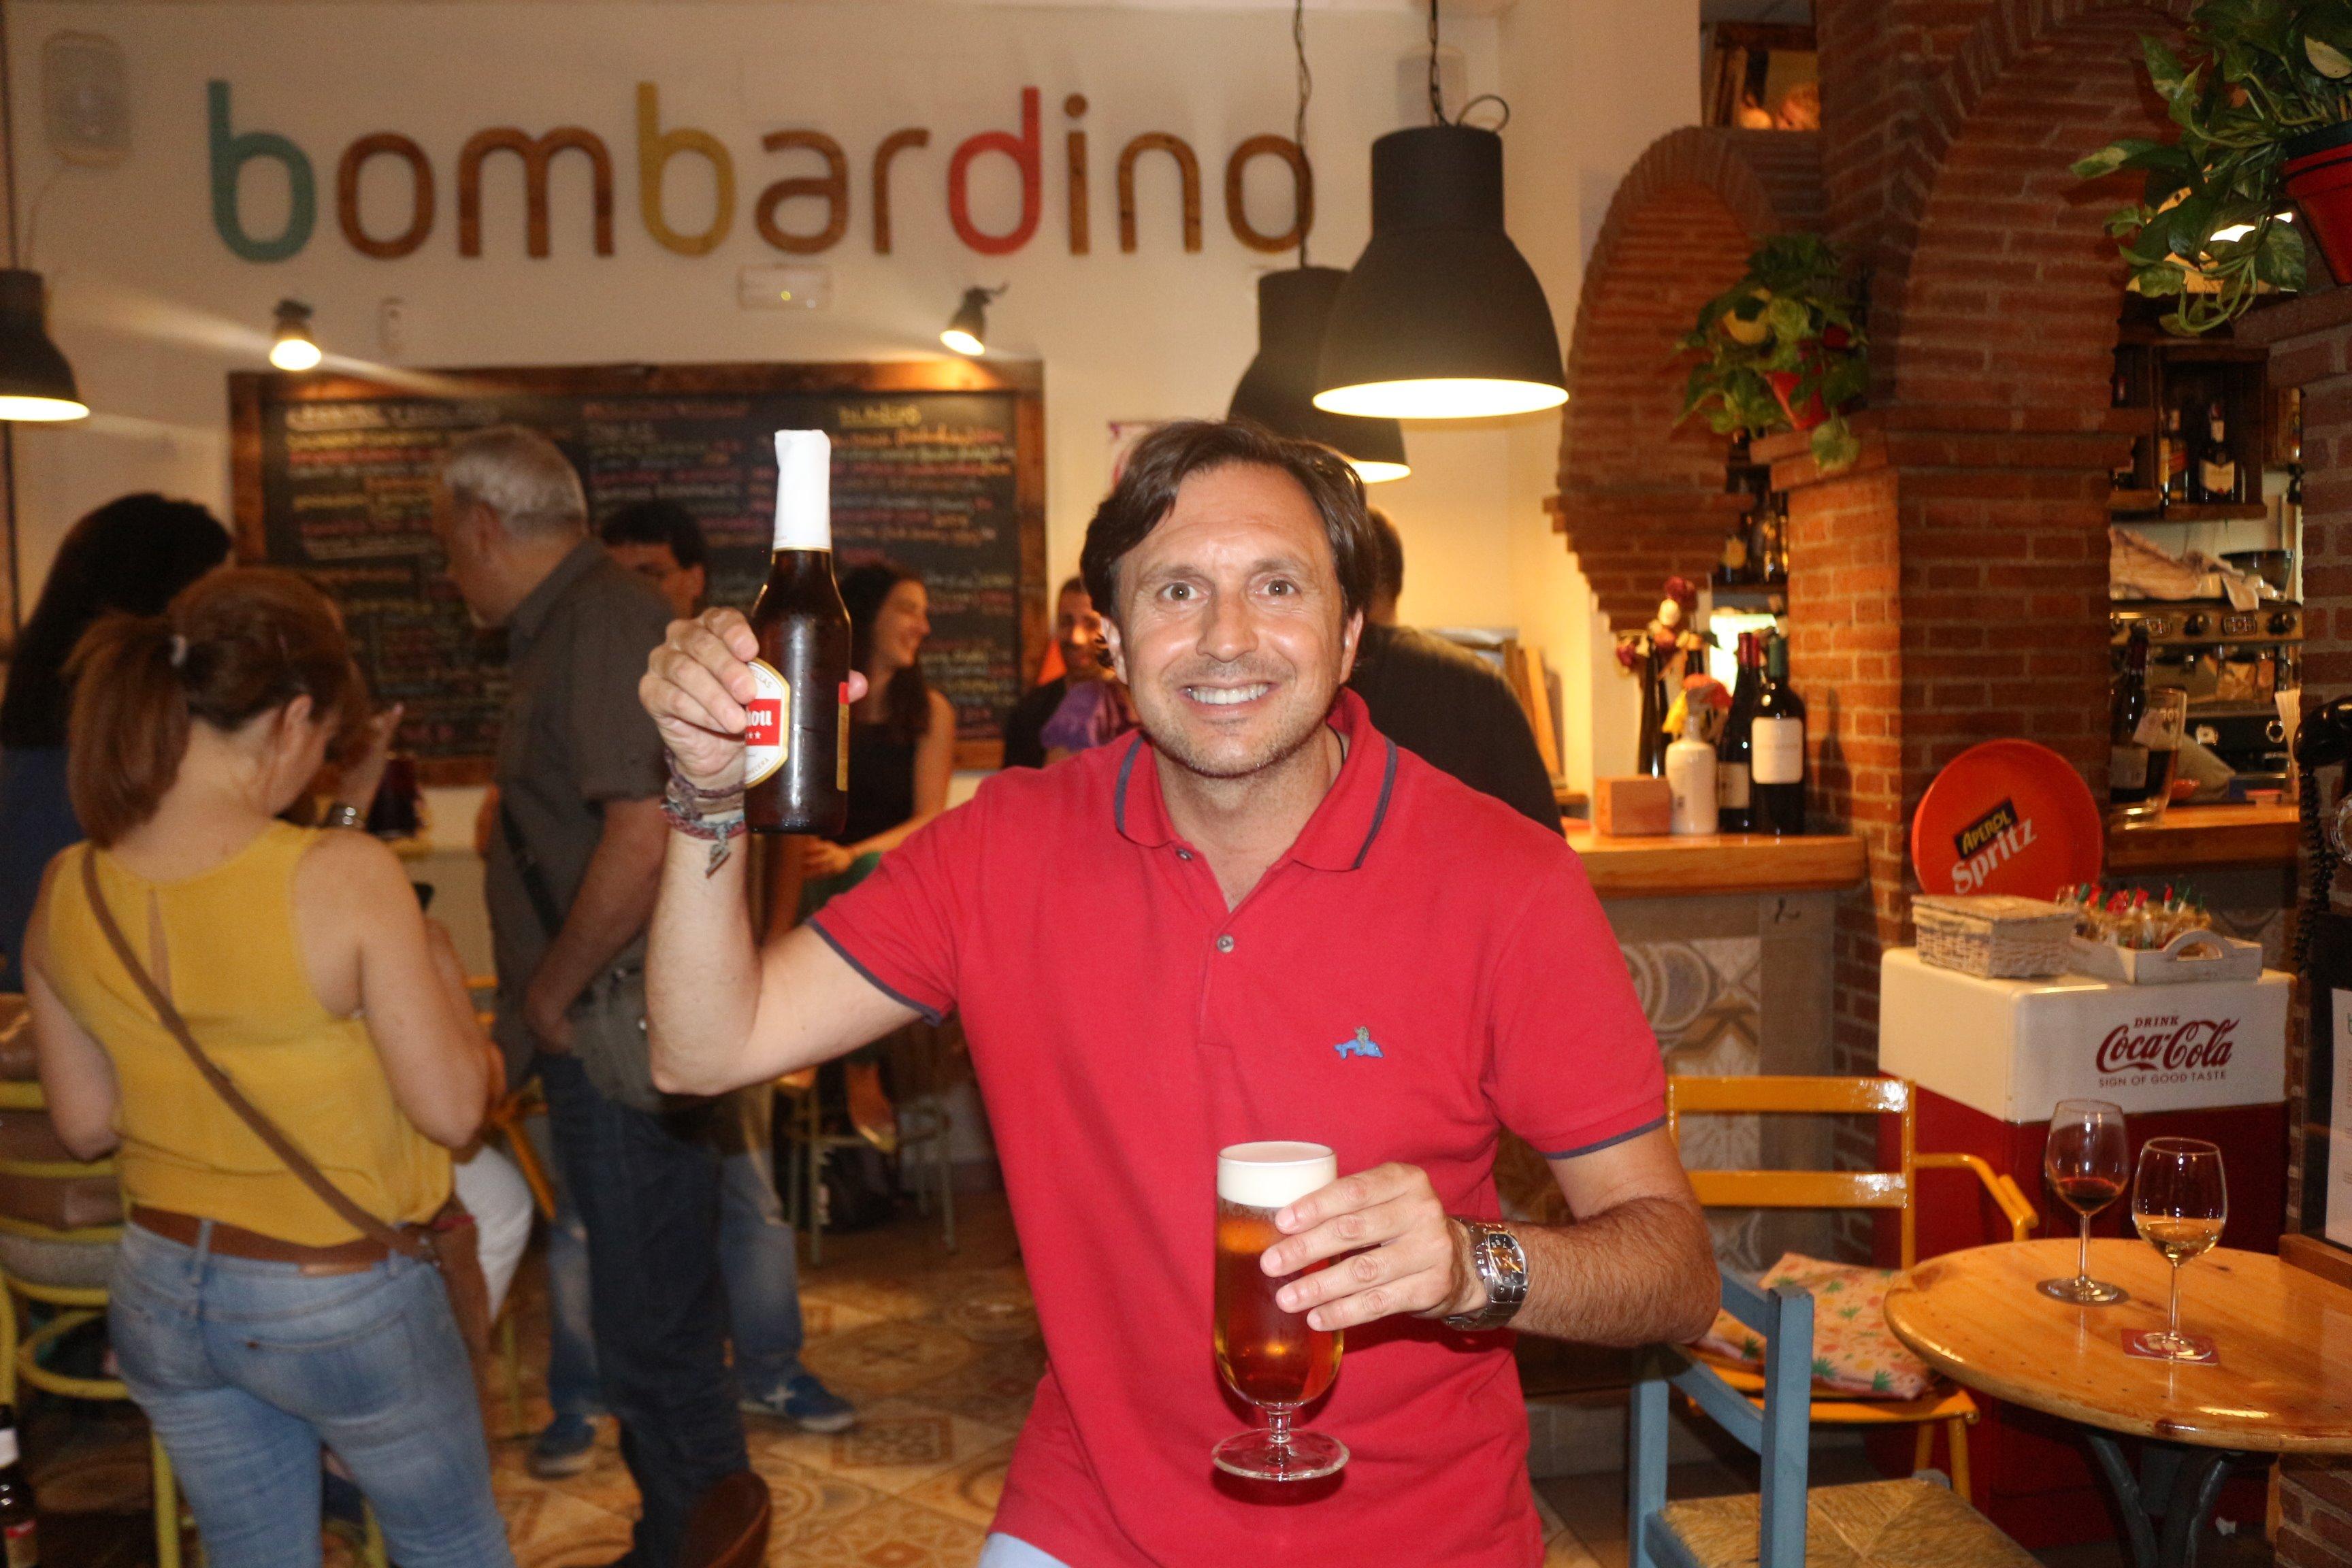 ba10 - El primer aniversario de Bombardino Café